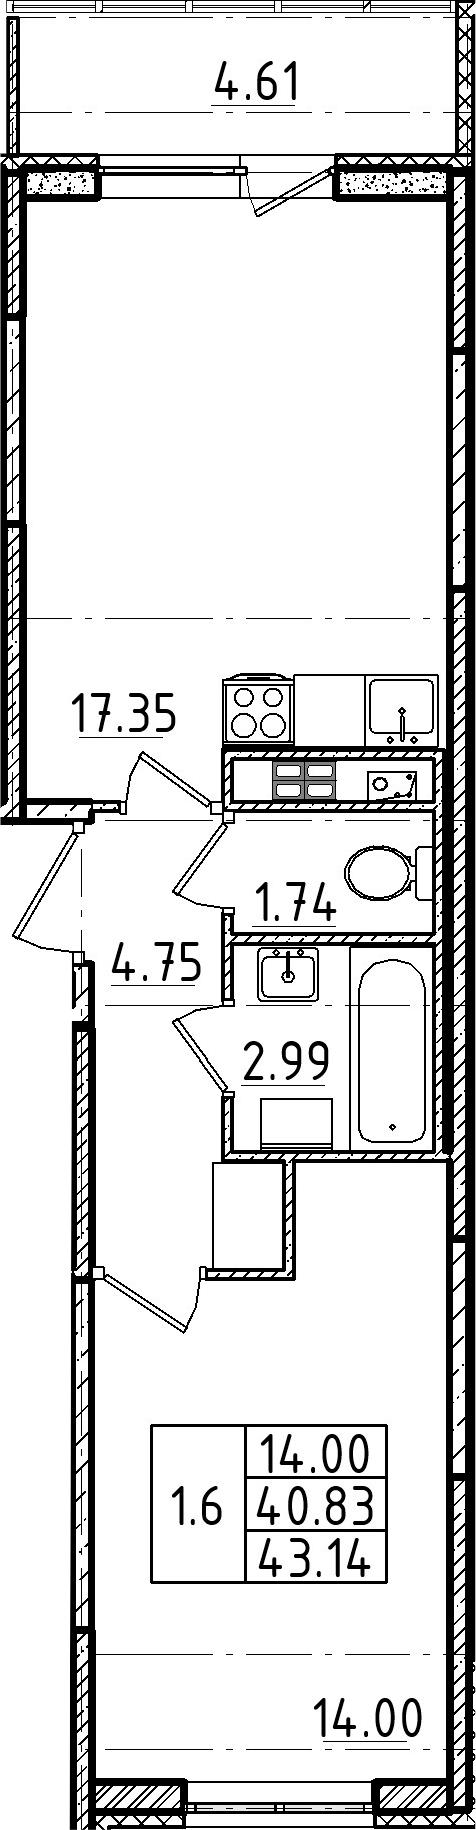 2Е-комнатная, 40.83 м²– 2